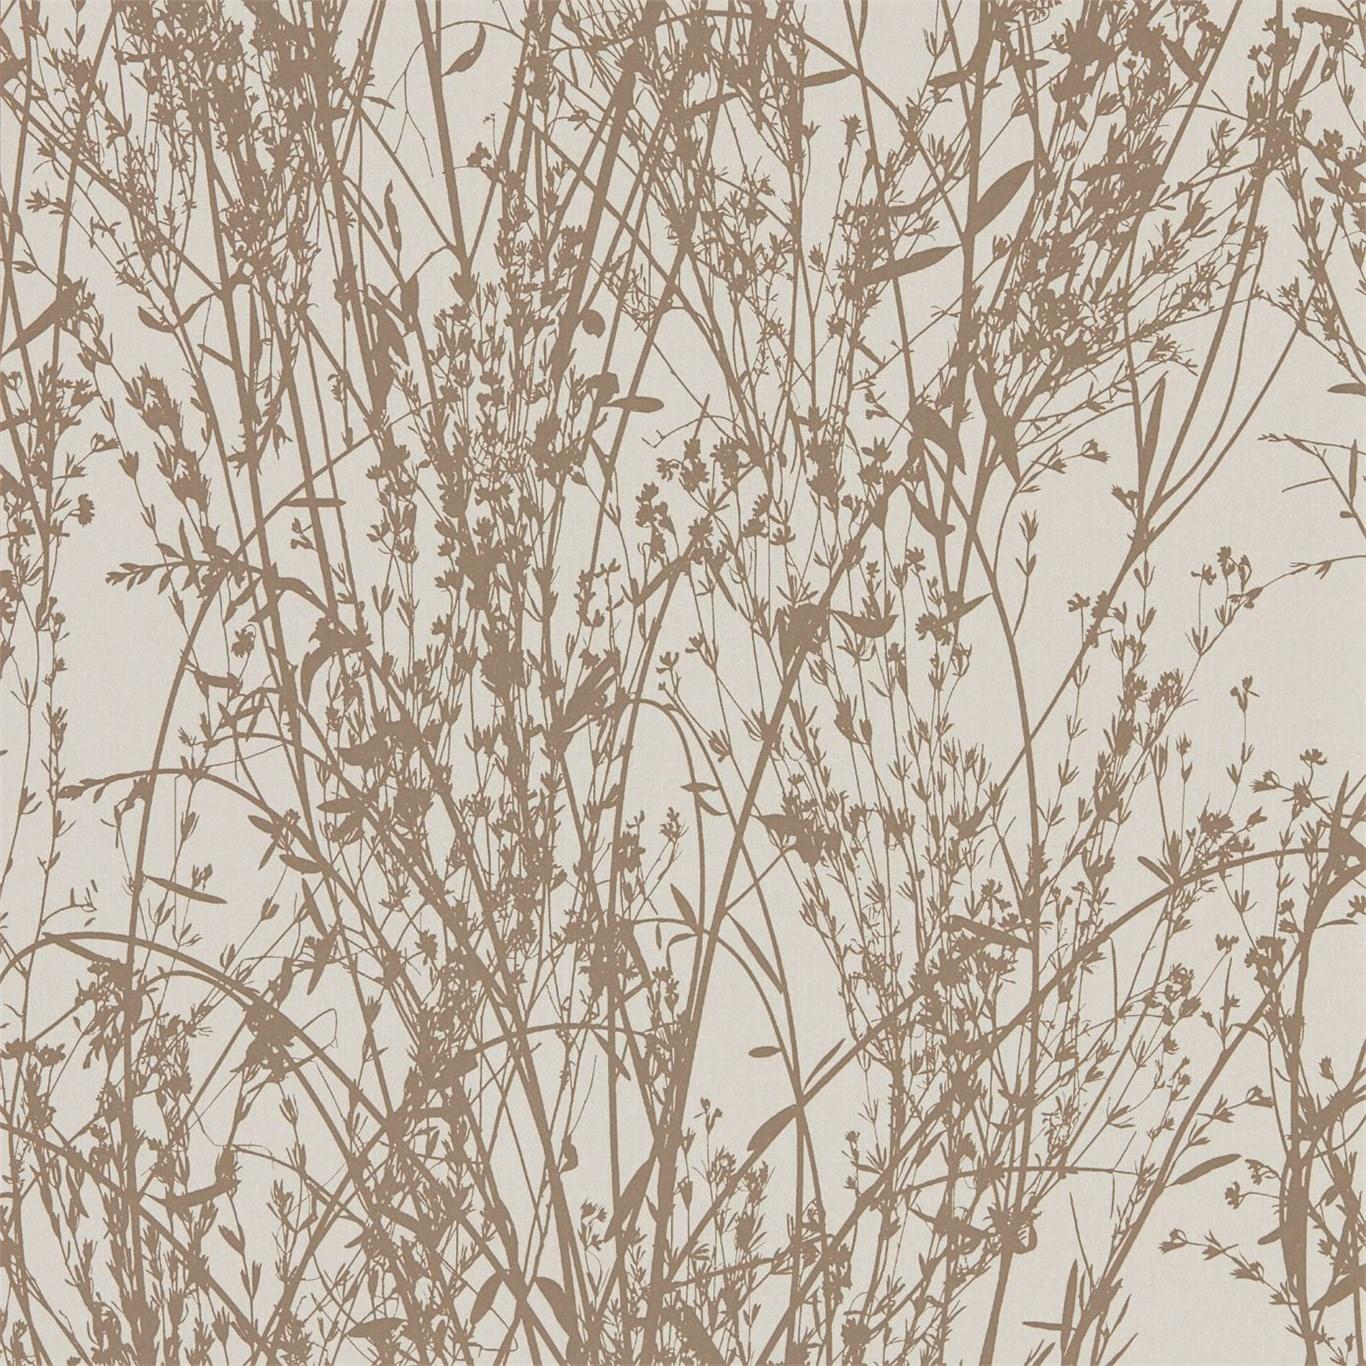 Meadow Canvas 215693